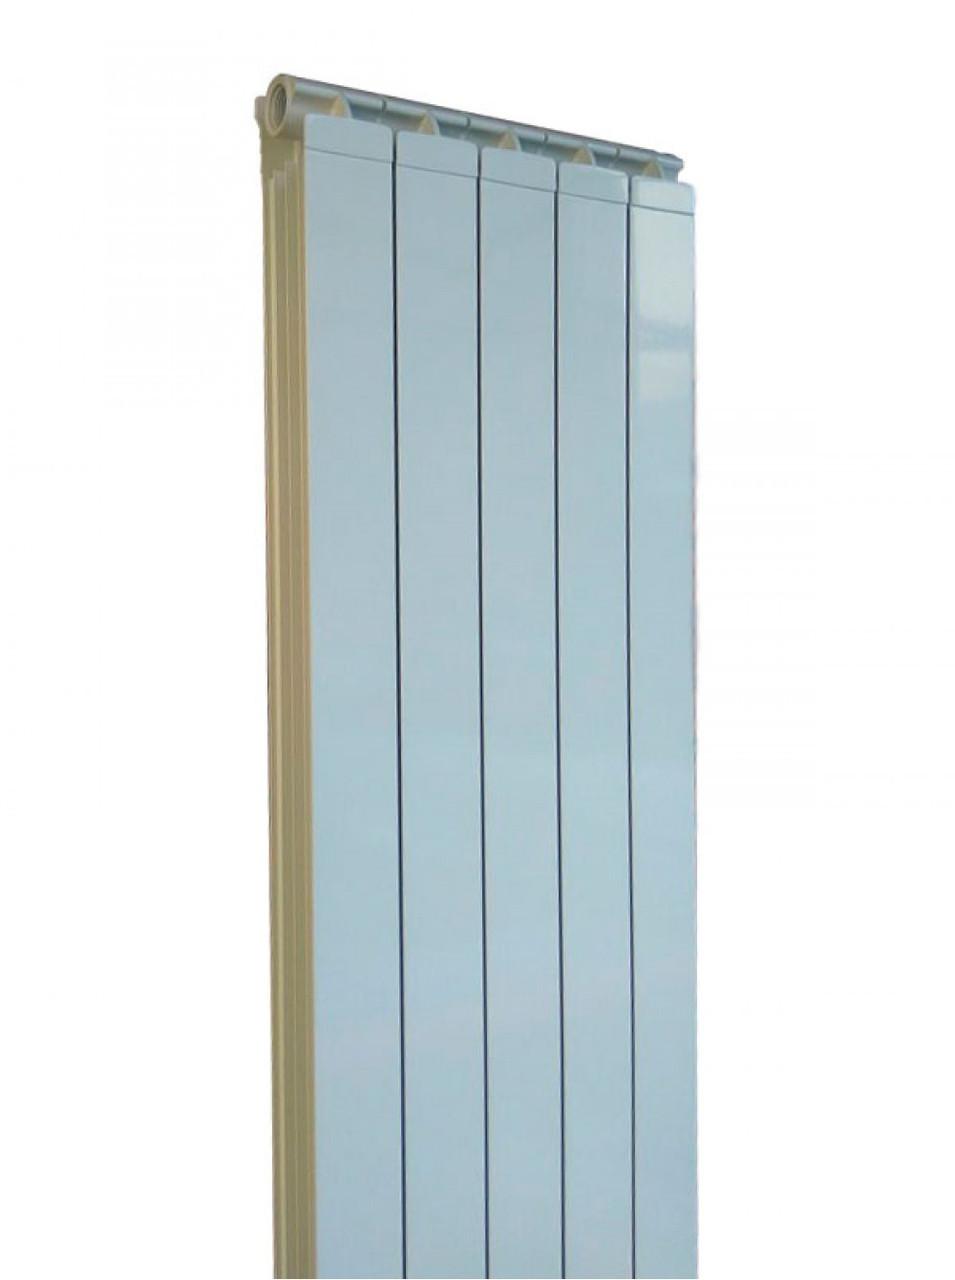 Радіатор алюмінієвий GLOBAL OSKAR Tondo 1600